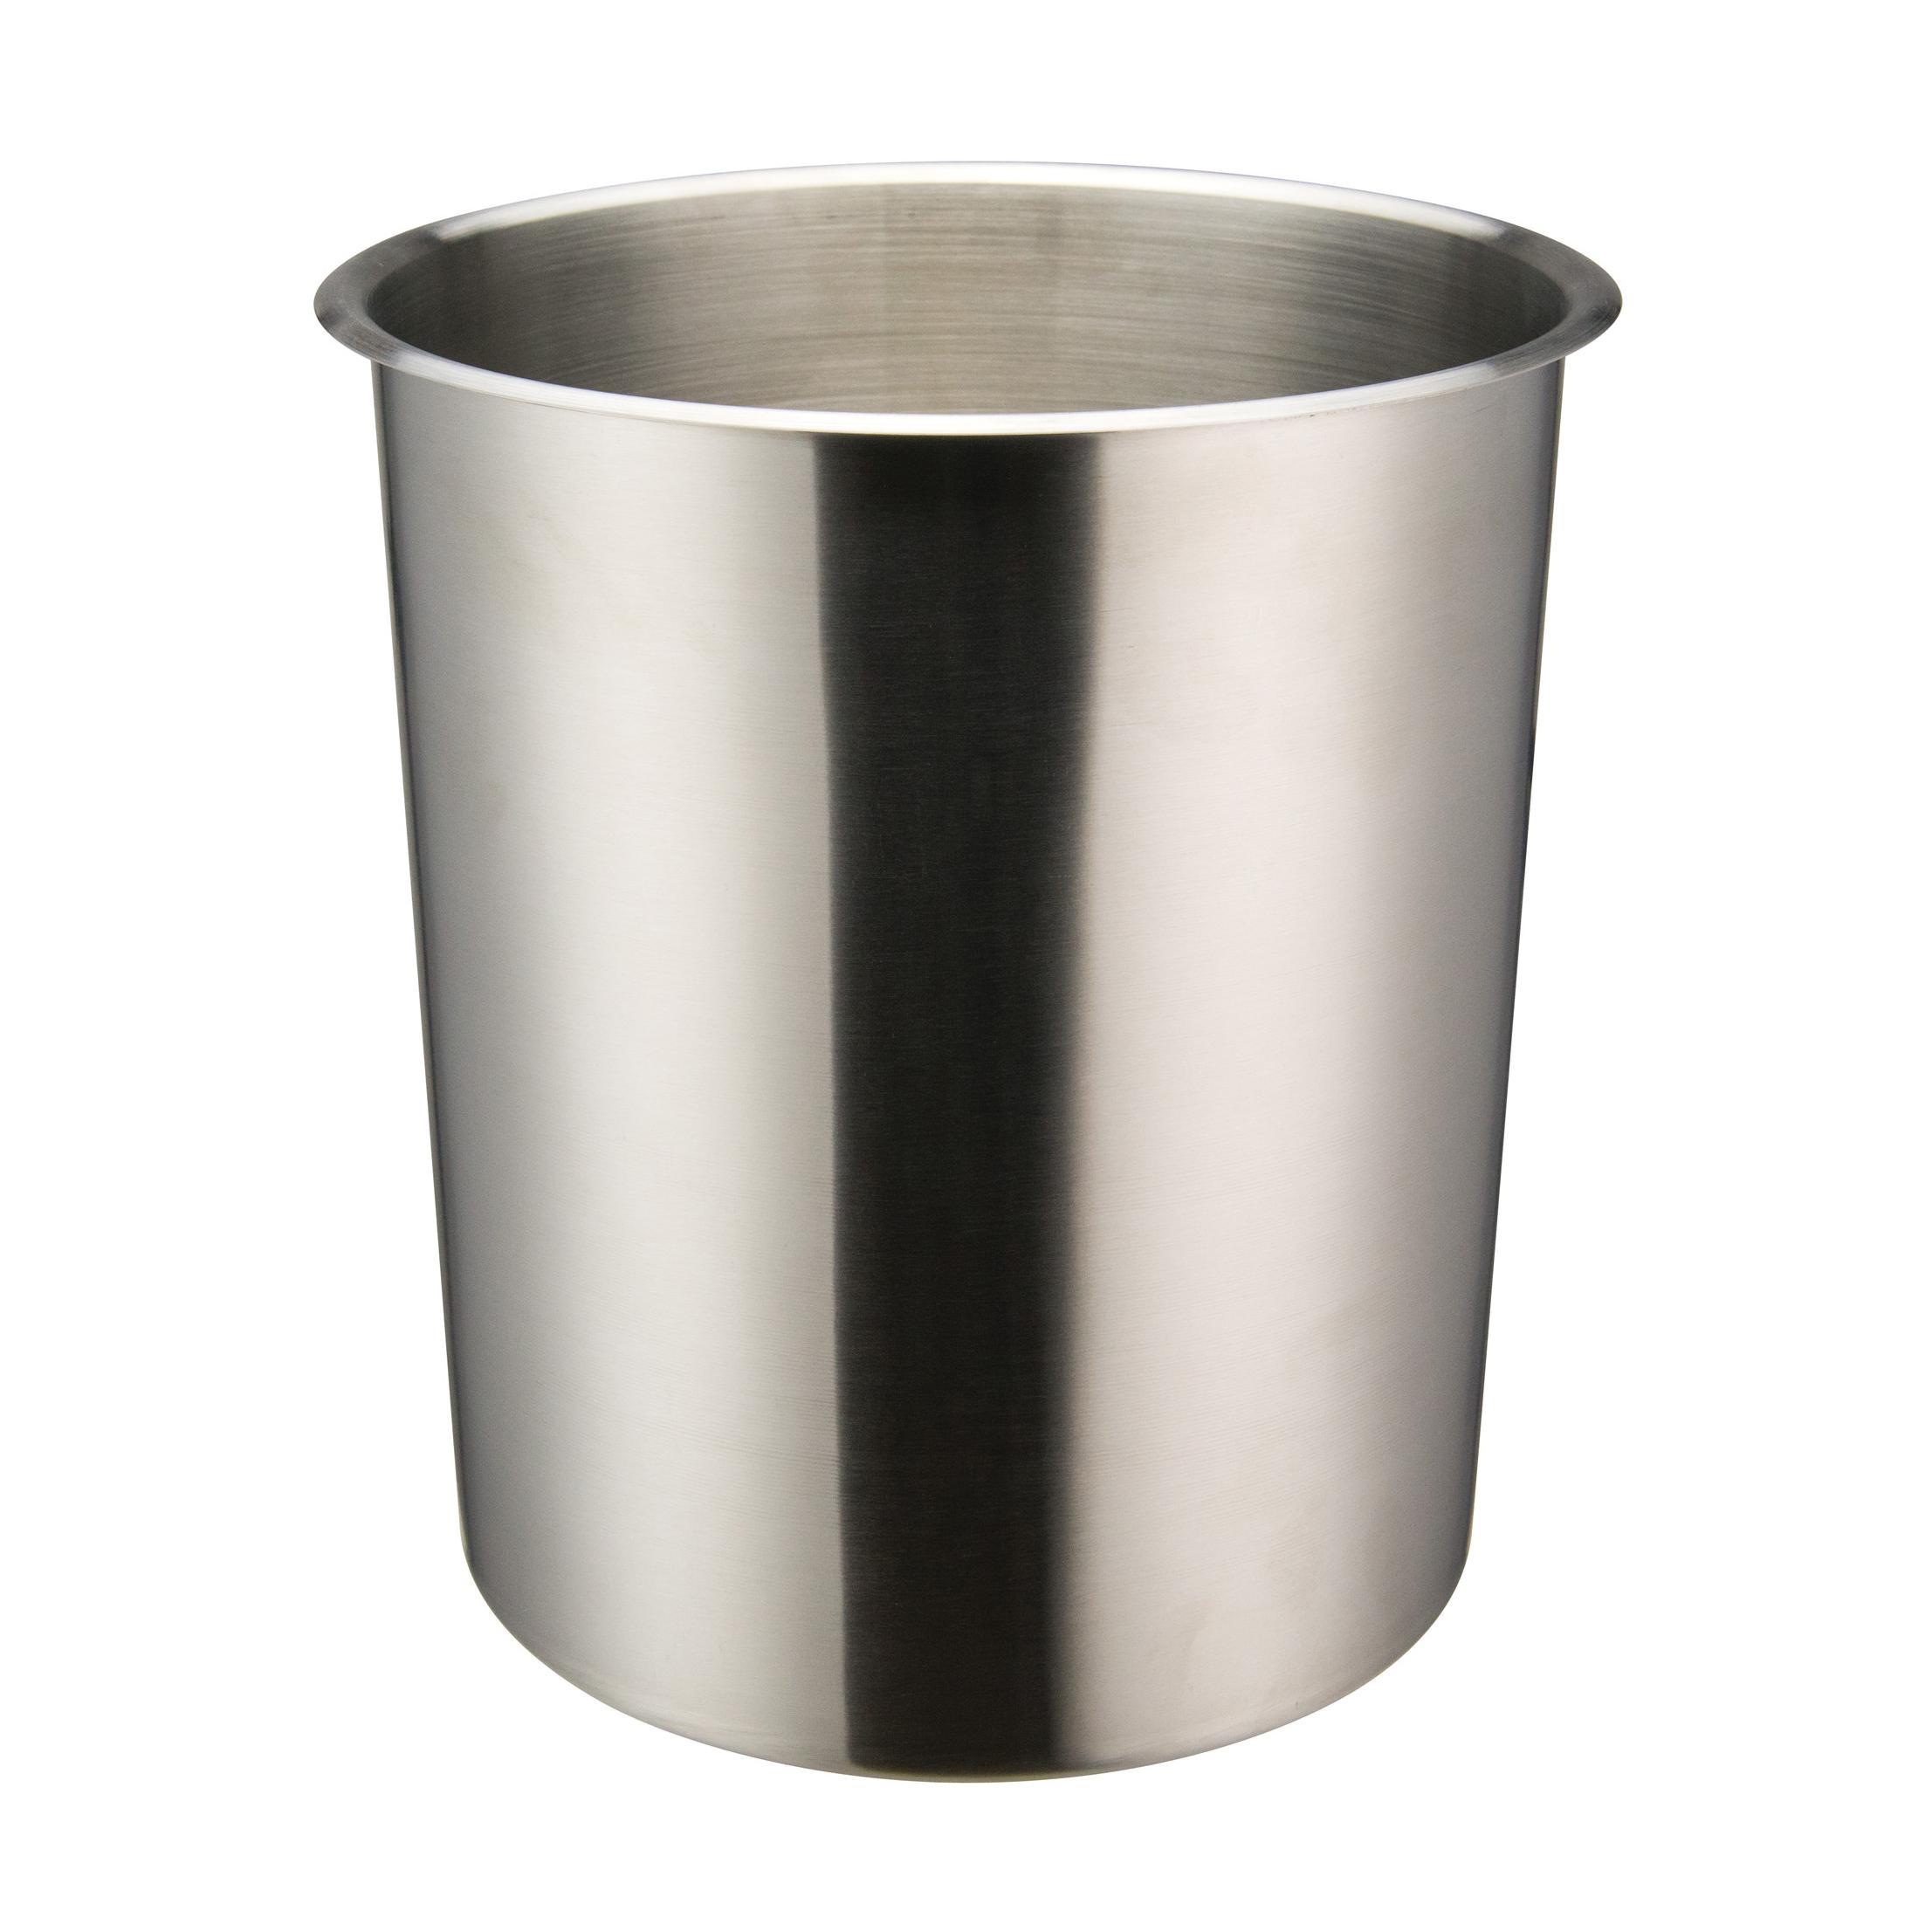 Winco BAMN-8.25 bain marie pot